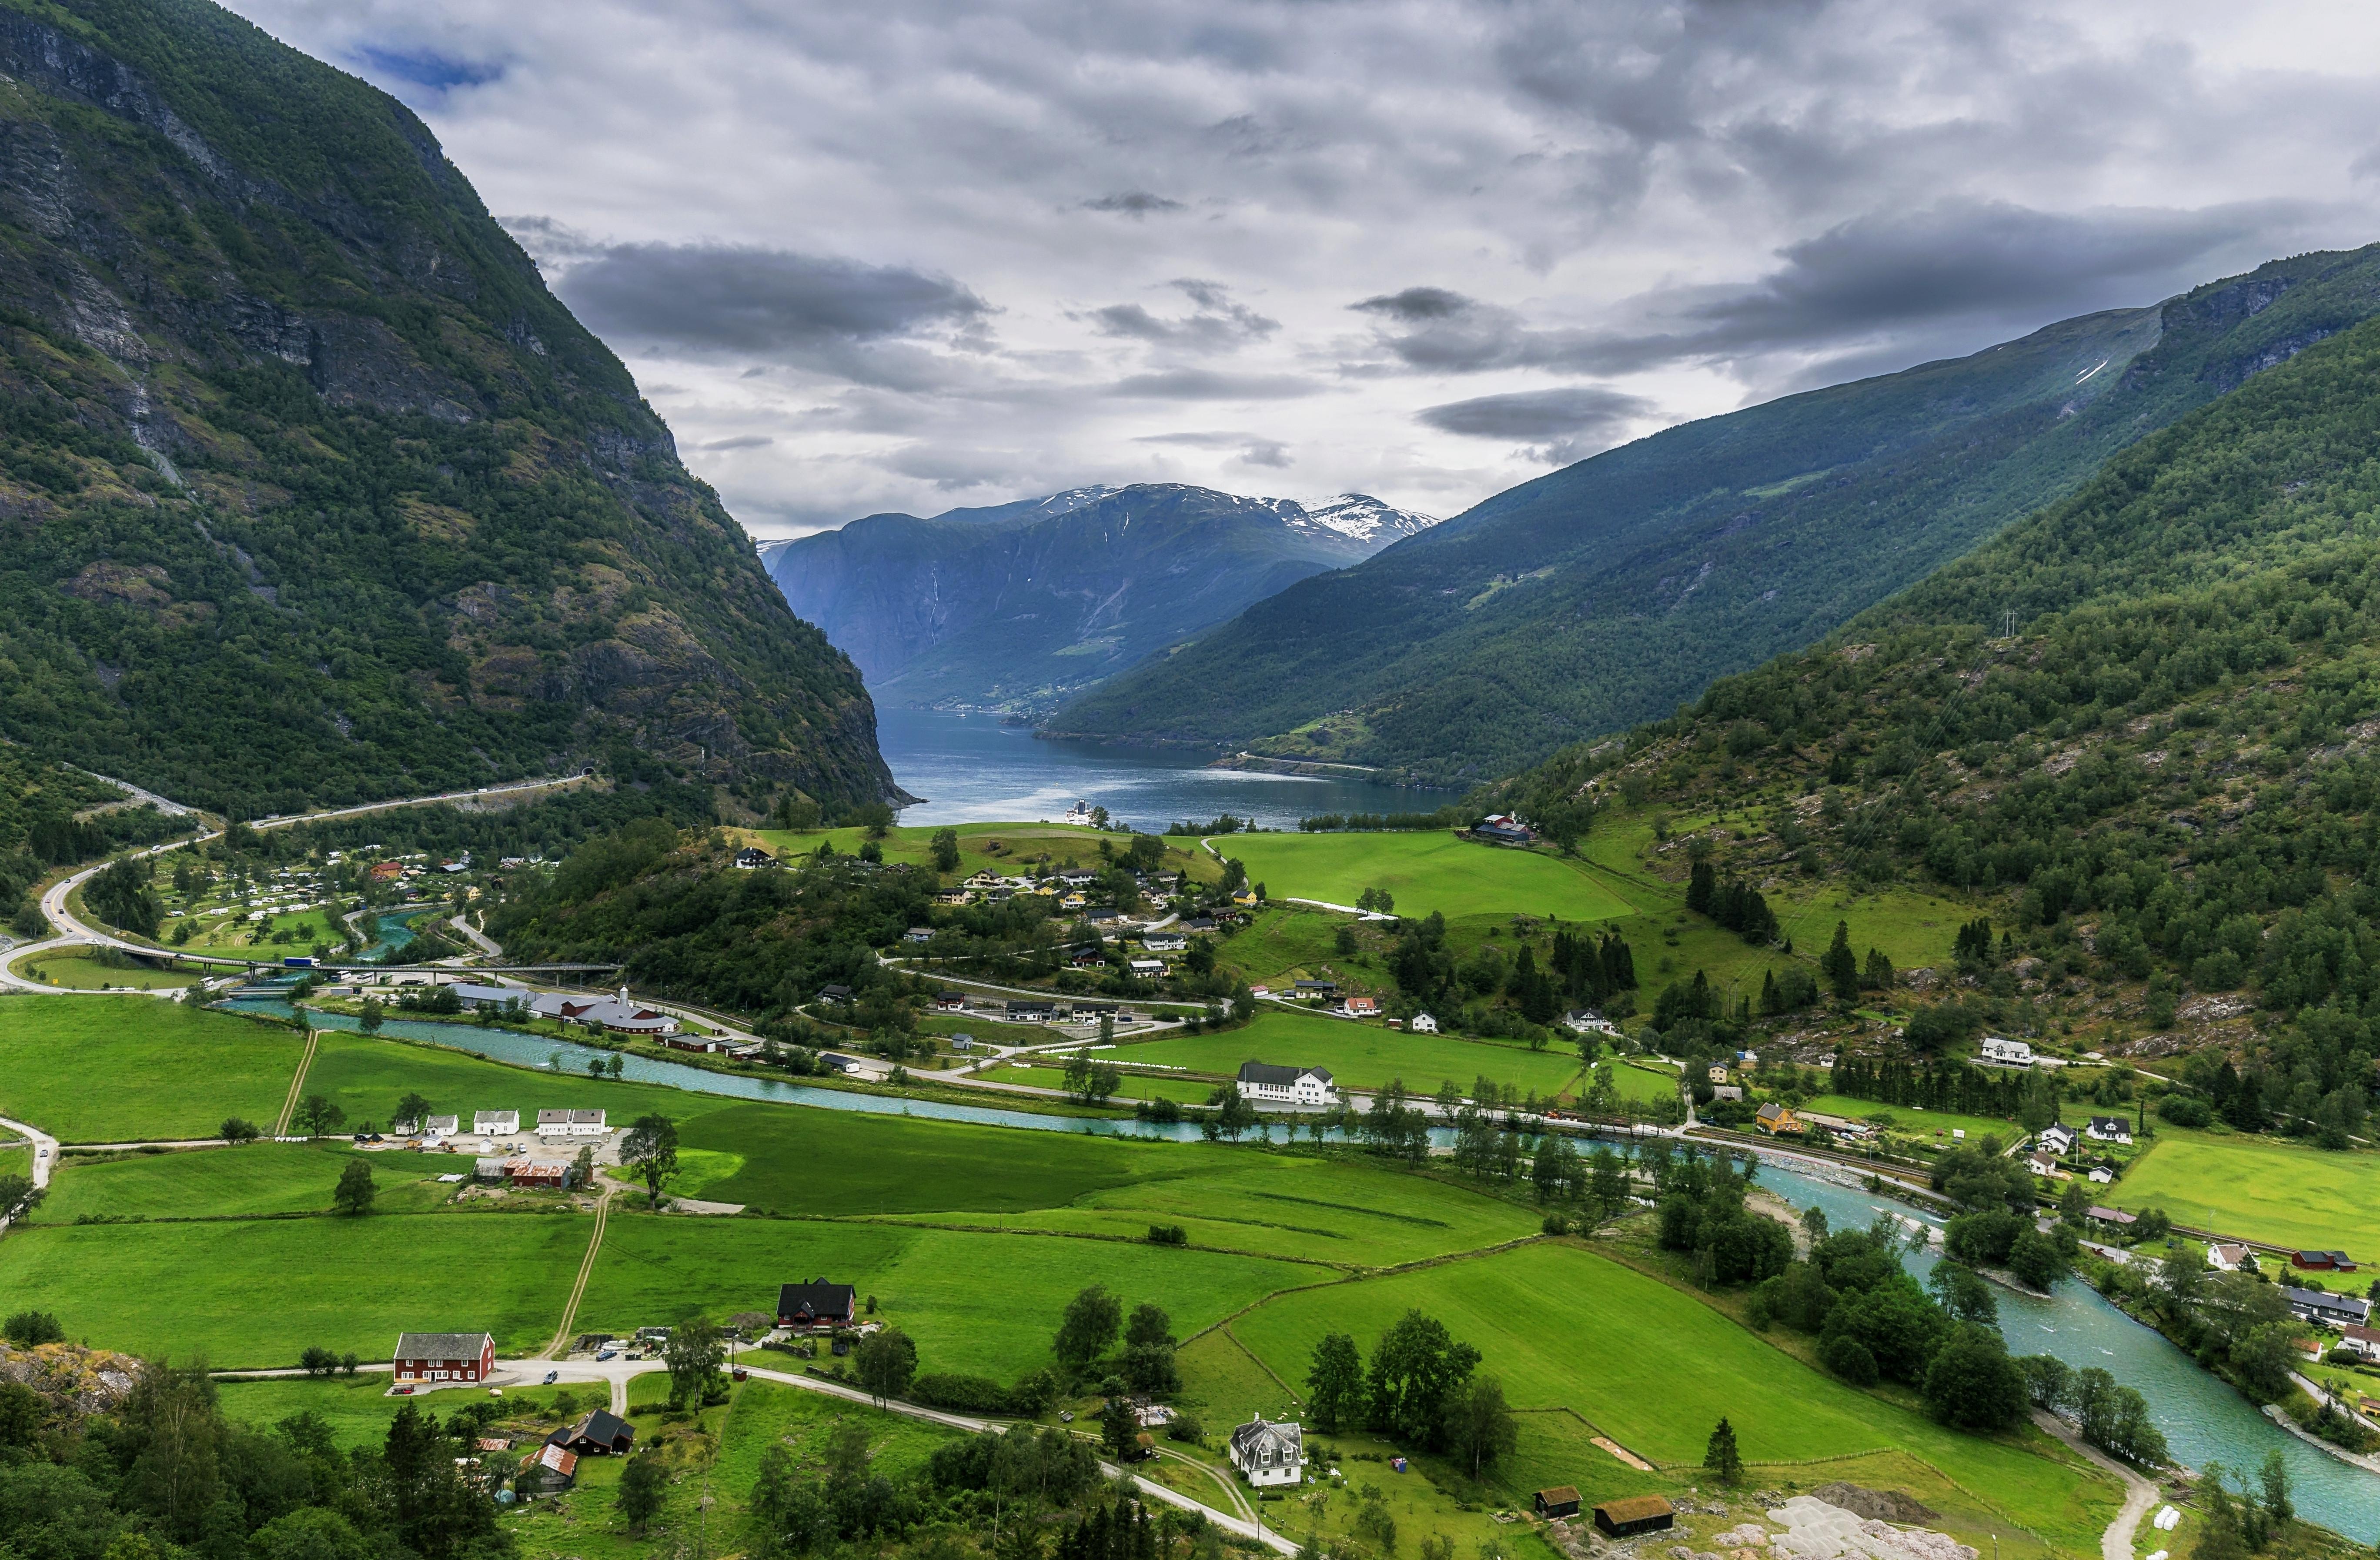 обои Норвегия, Aurland, горы, поля картинки фото